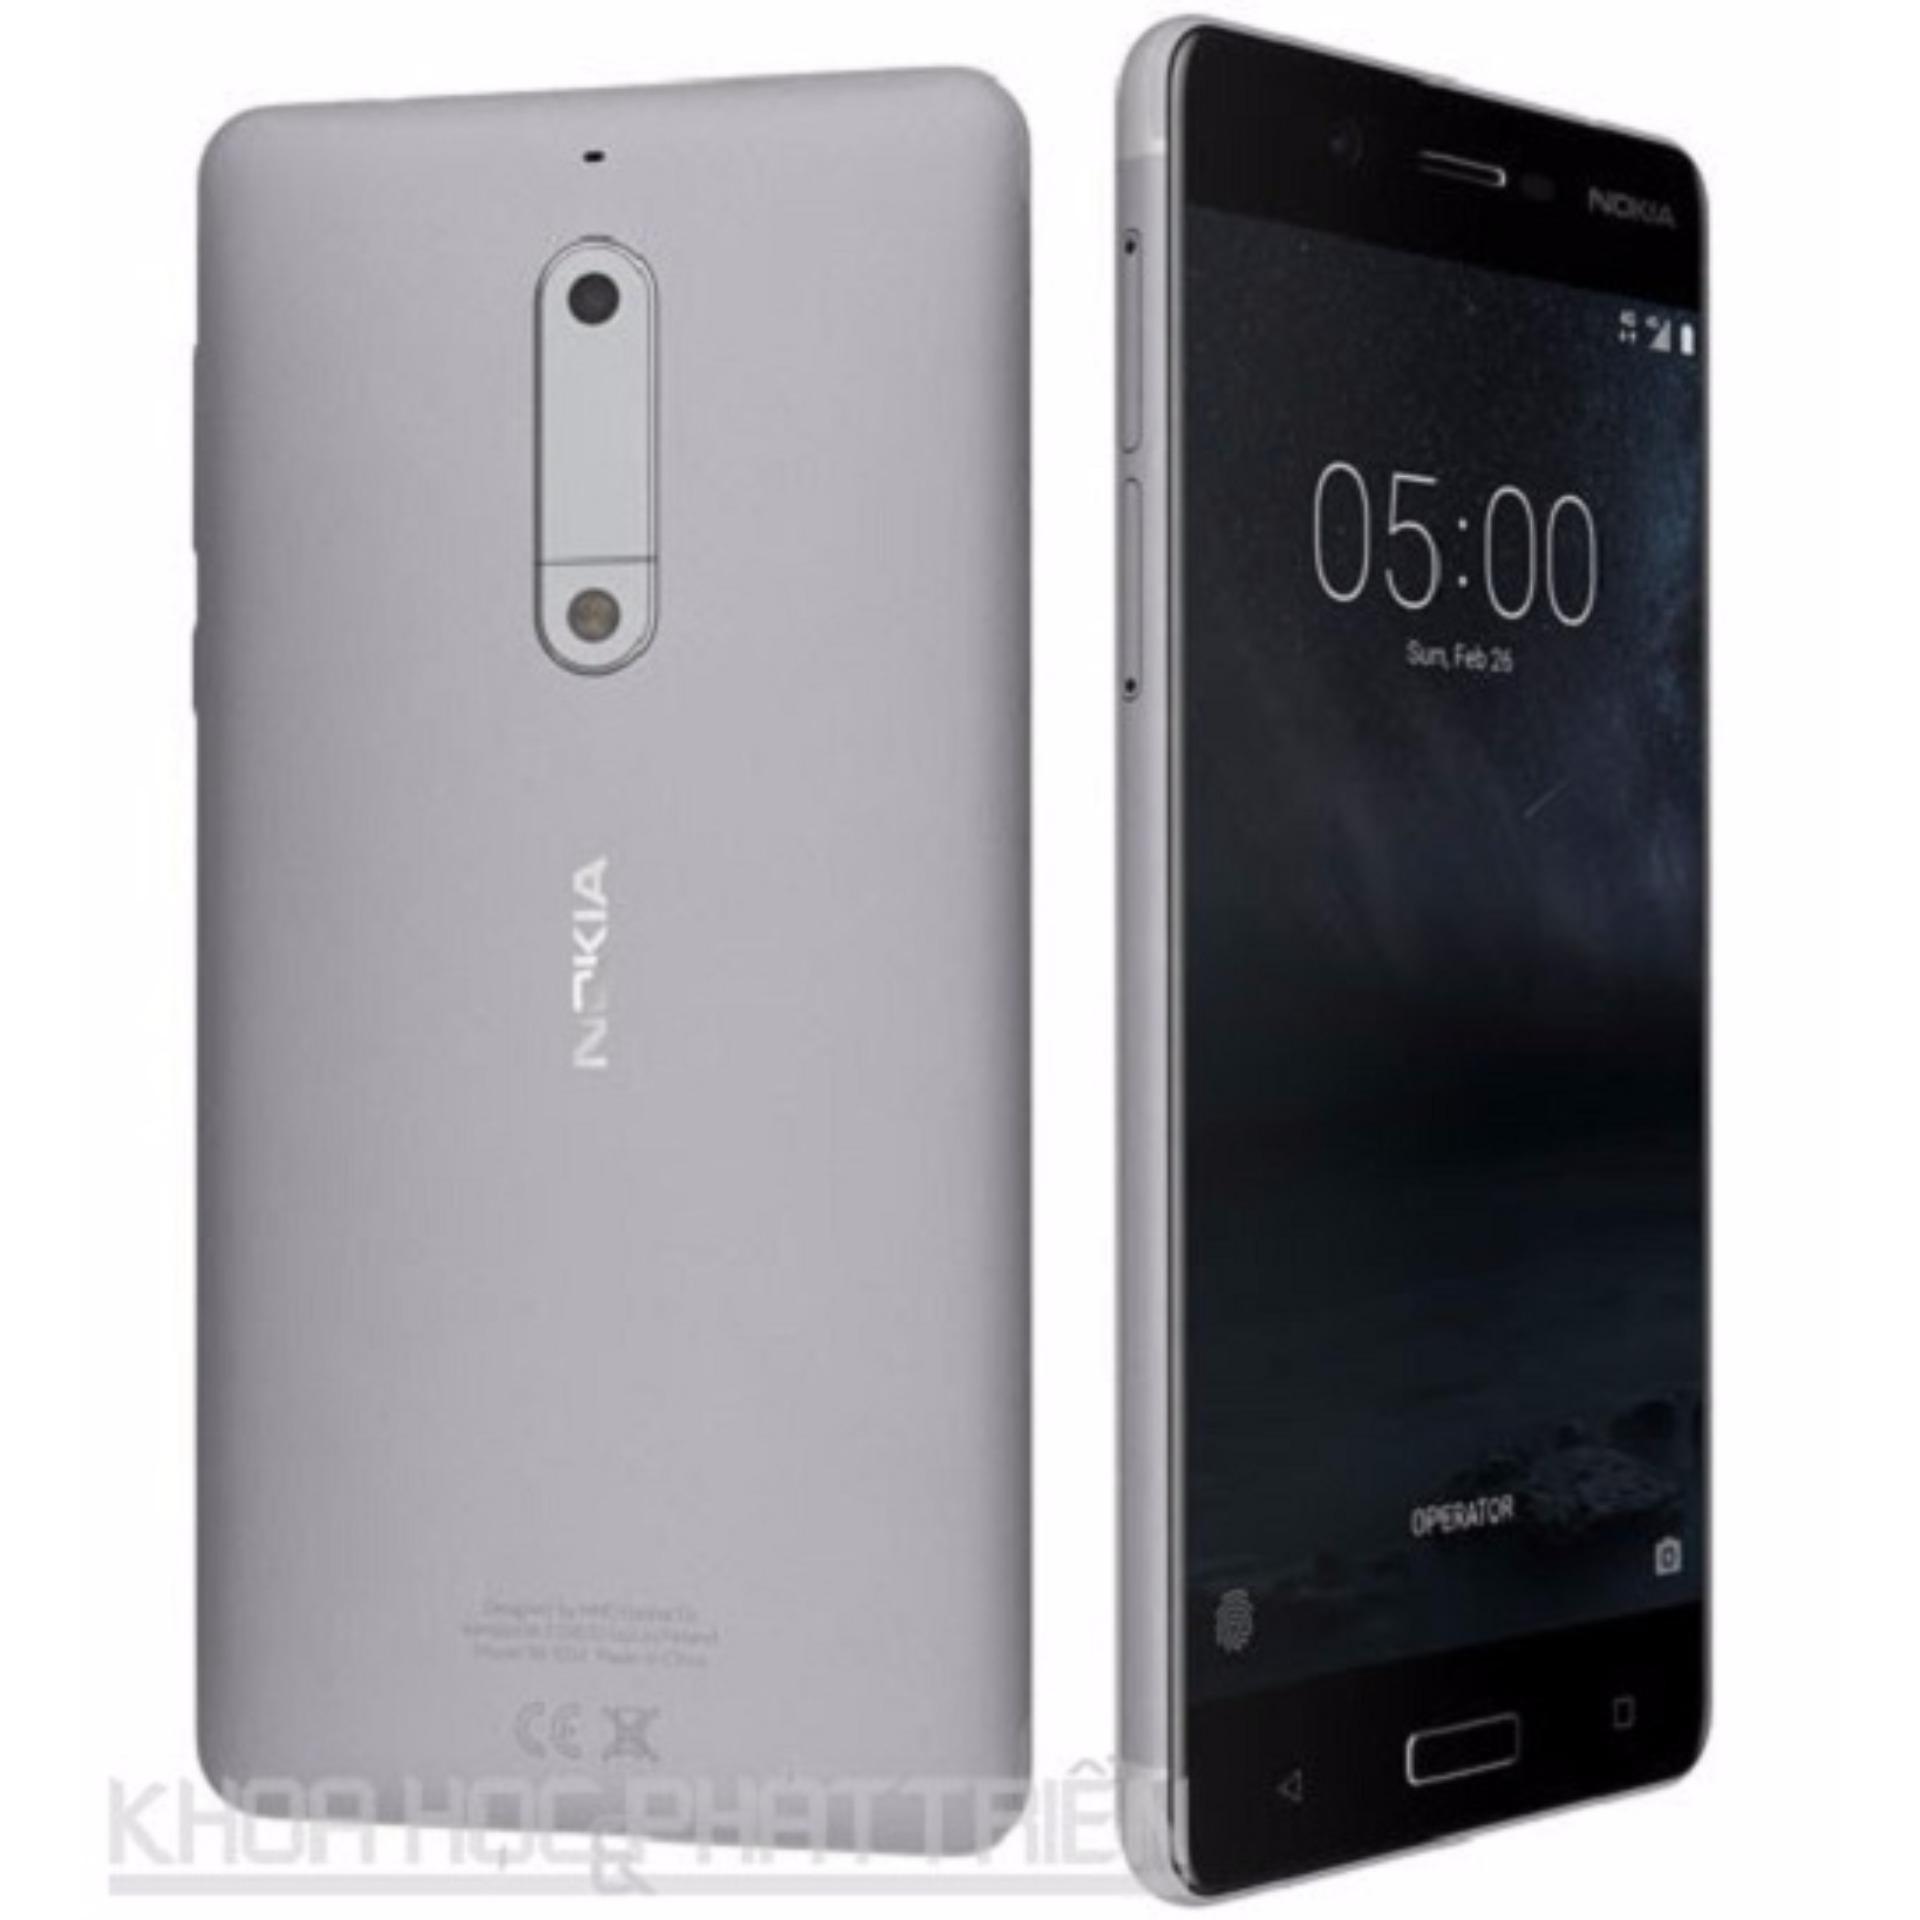 Giá Bán Điện Thoại Nokia 5 2Gb Nokia Nguyên